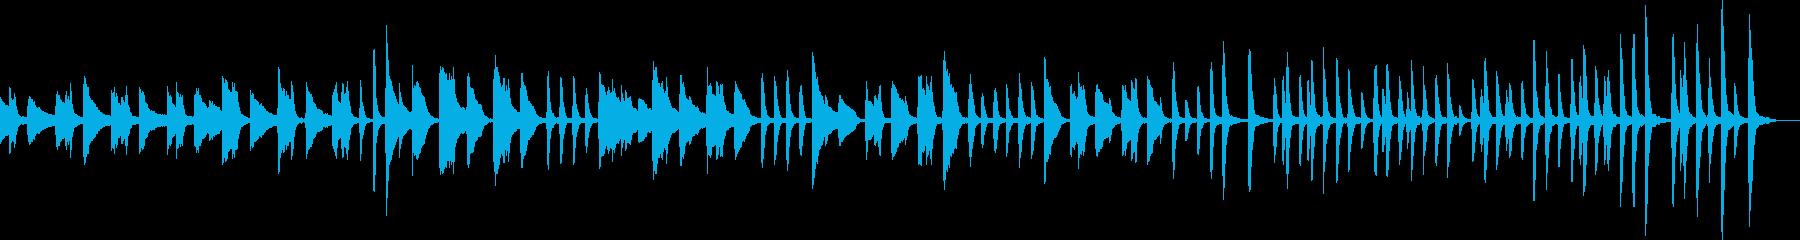 ルンルンなピアノBGMの再生済みの波形